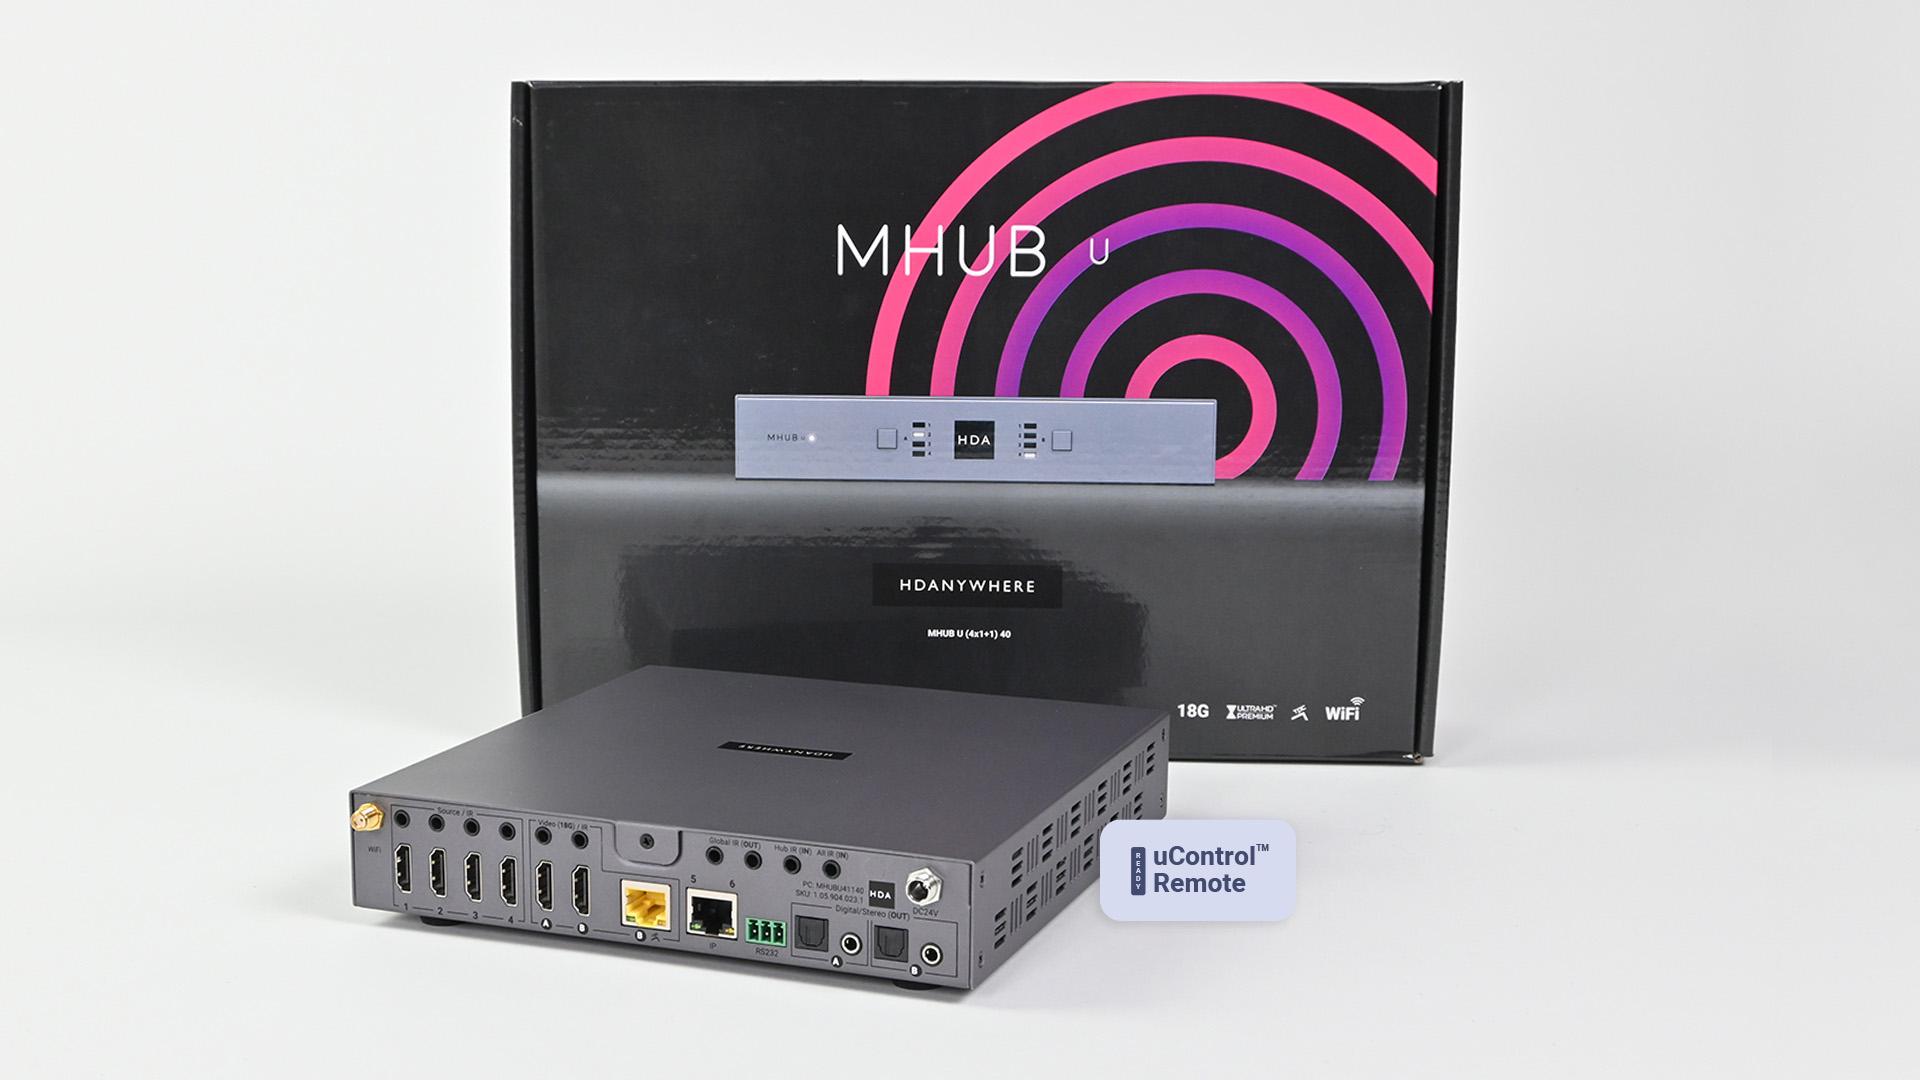 MHUB U (4x1+1) 40